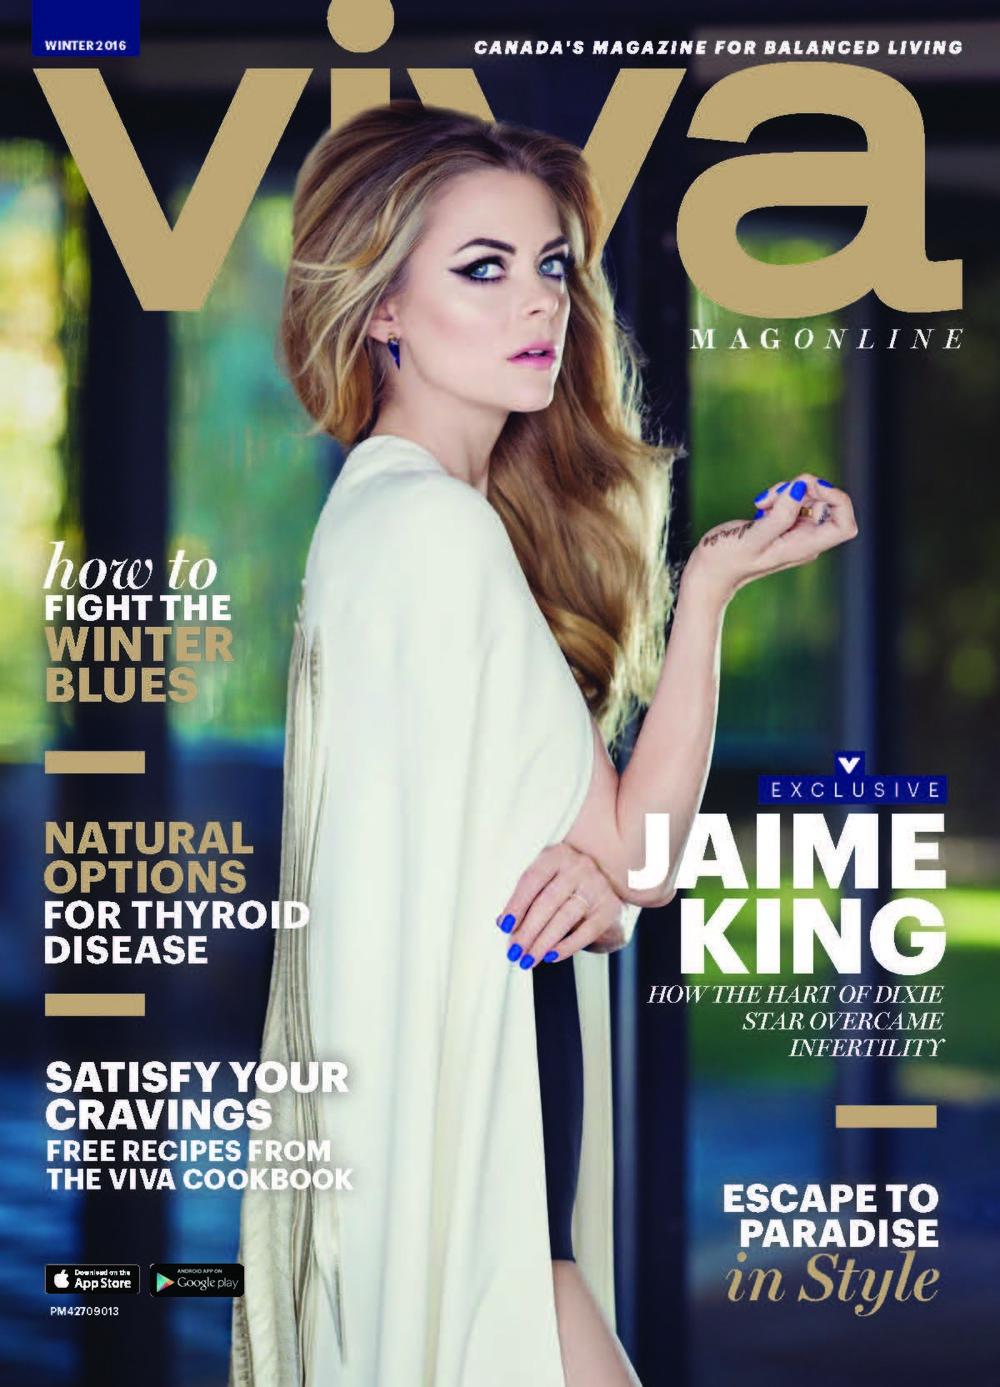 VIVA Cover 2016.jpg